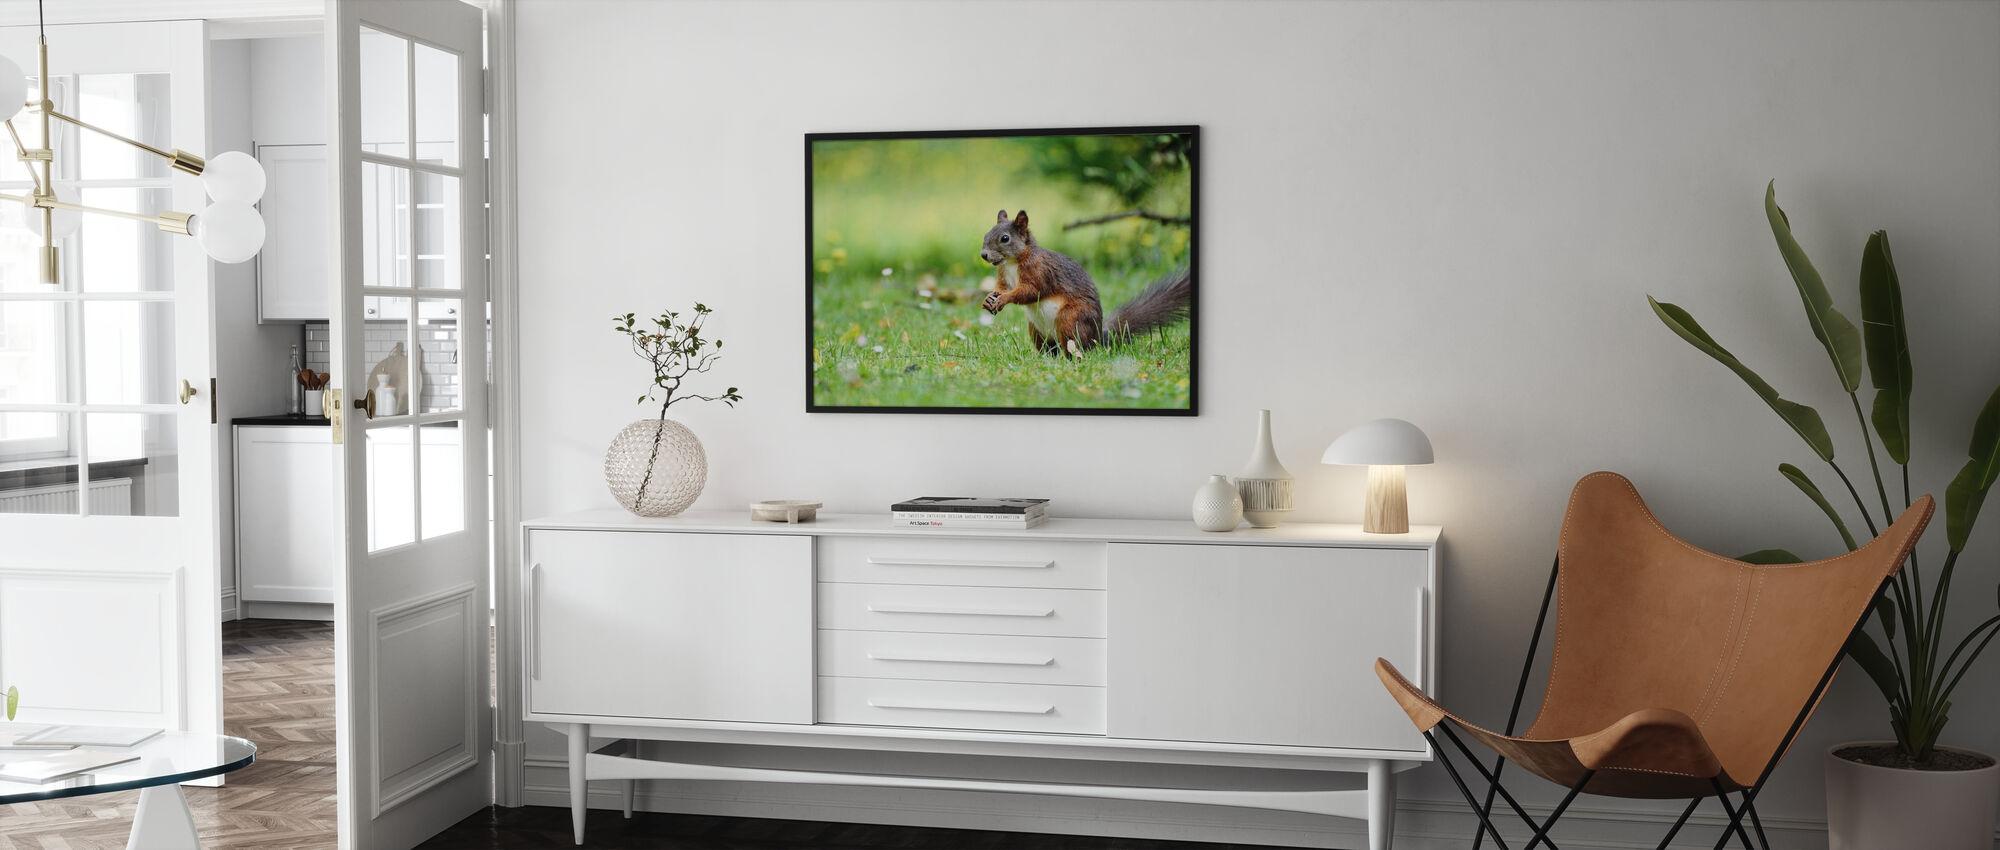 Oravien väestönlaskenta - Kehystetty kuva - Olohuone